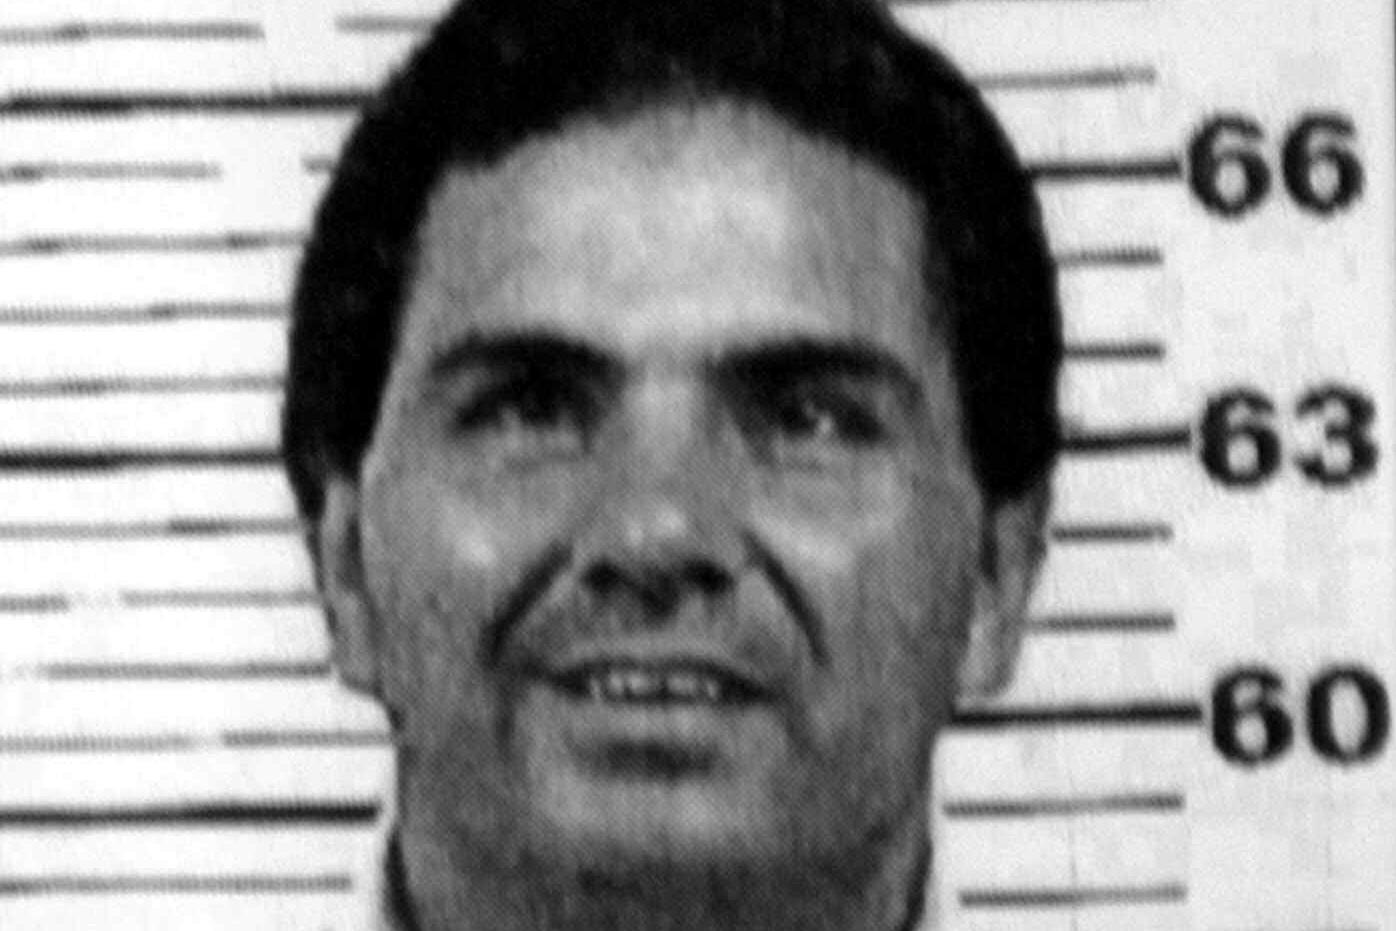 Ποιος ήταν ο πραγματικός δολοφόνος της Ντέμπρα Κάρτερ; Όχι ο Ρον Ουίλιαμσον, αλλά ο άνθρωπος που κατέθεσε εναντίον του